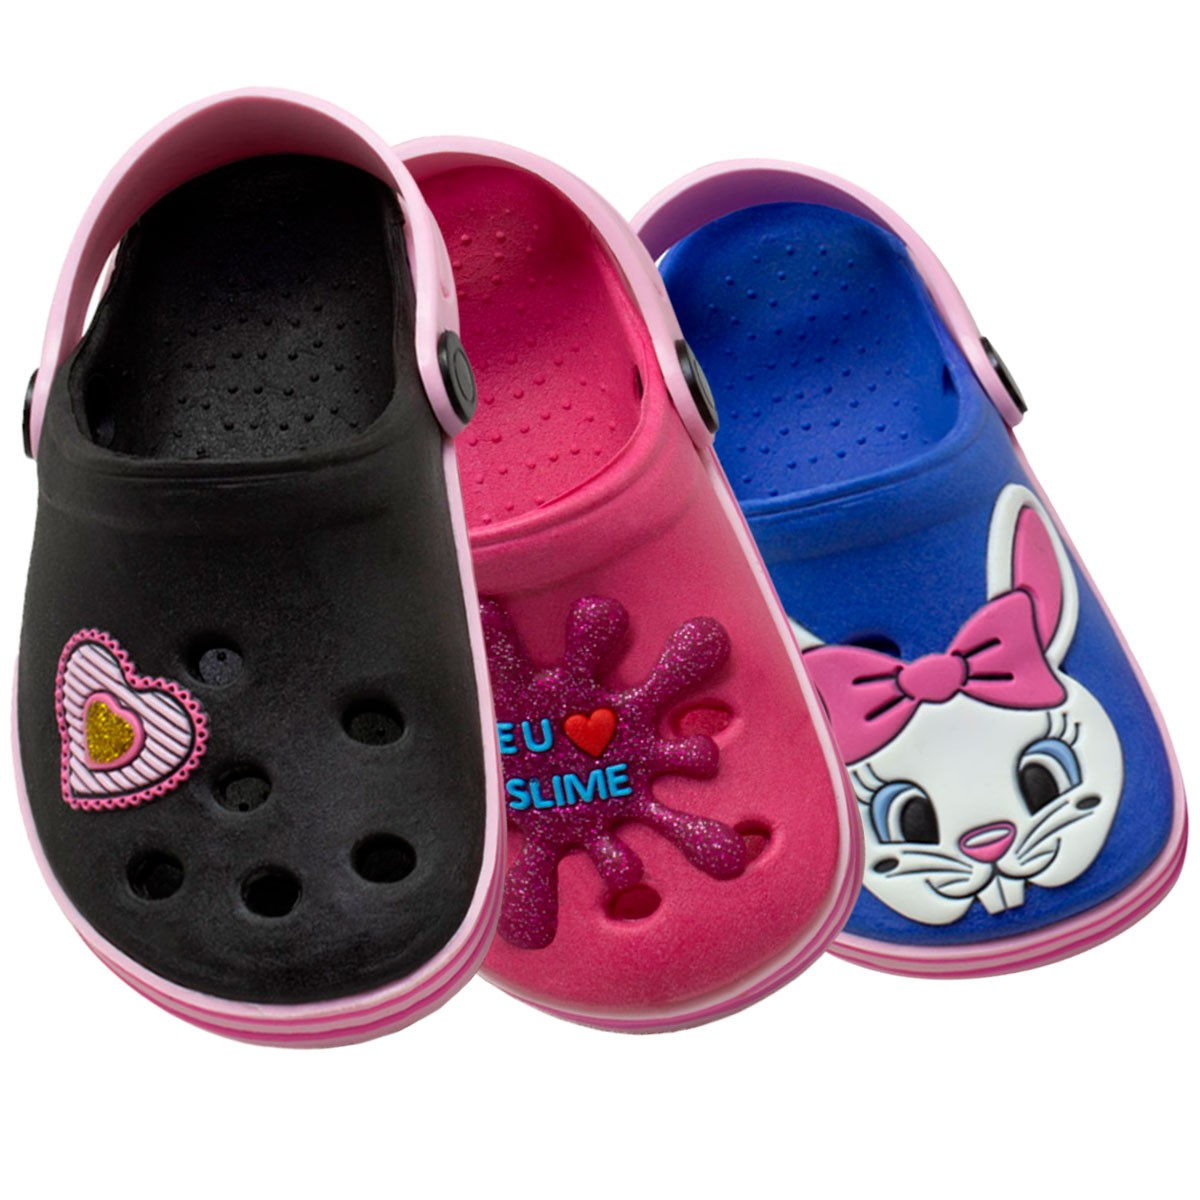 KIT 03 Pares de Babuche Infantil Fachetado (Slime Pink-Coração-Coelhinho Azul)